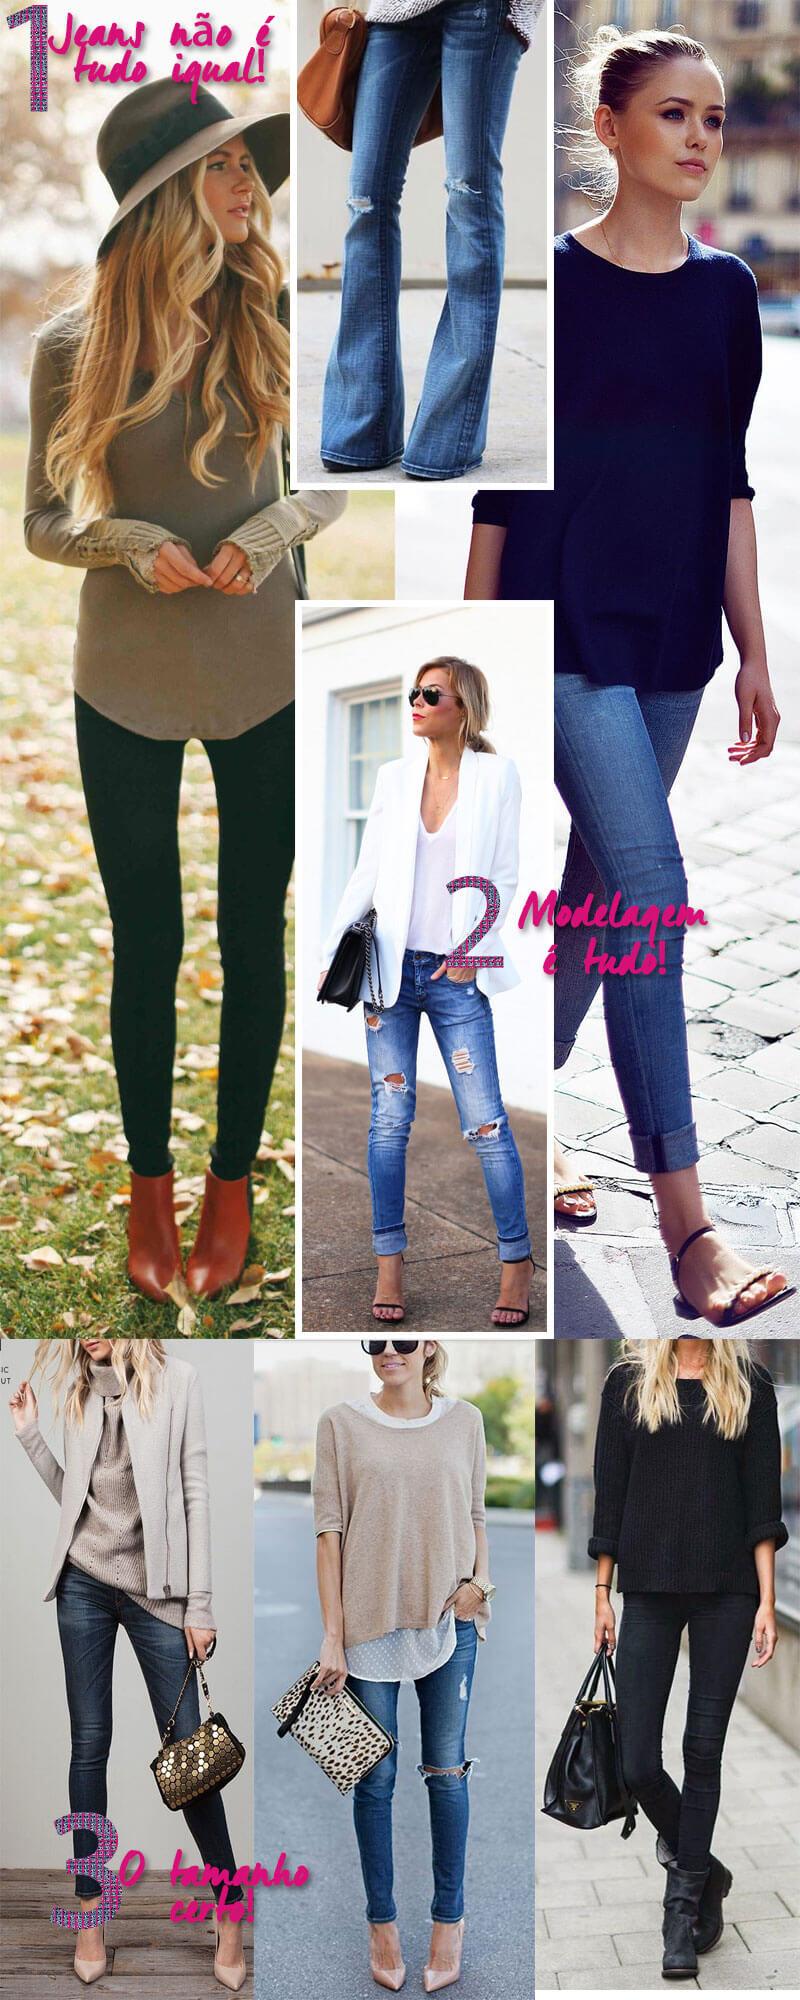 556646b69c Calça Jeans  3 Dicas Pra Escolher o Jeans Perfeito! - Juro Valendo